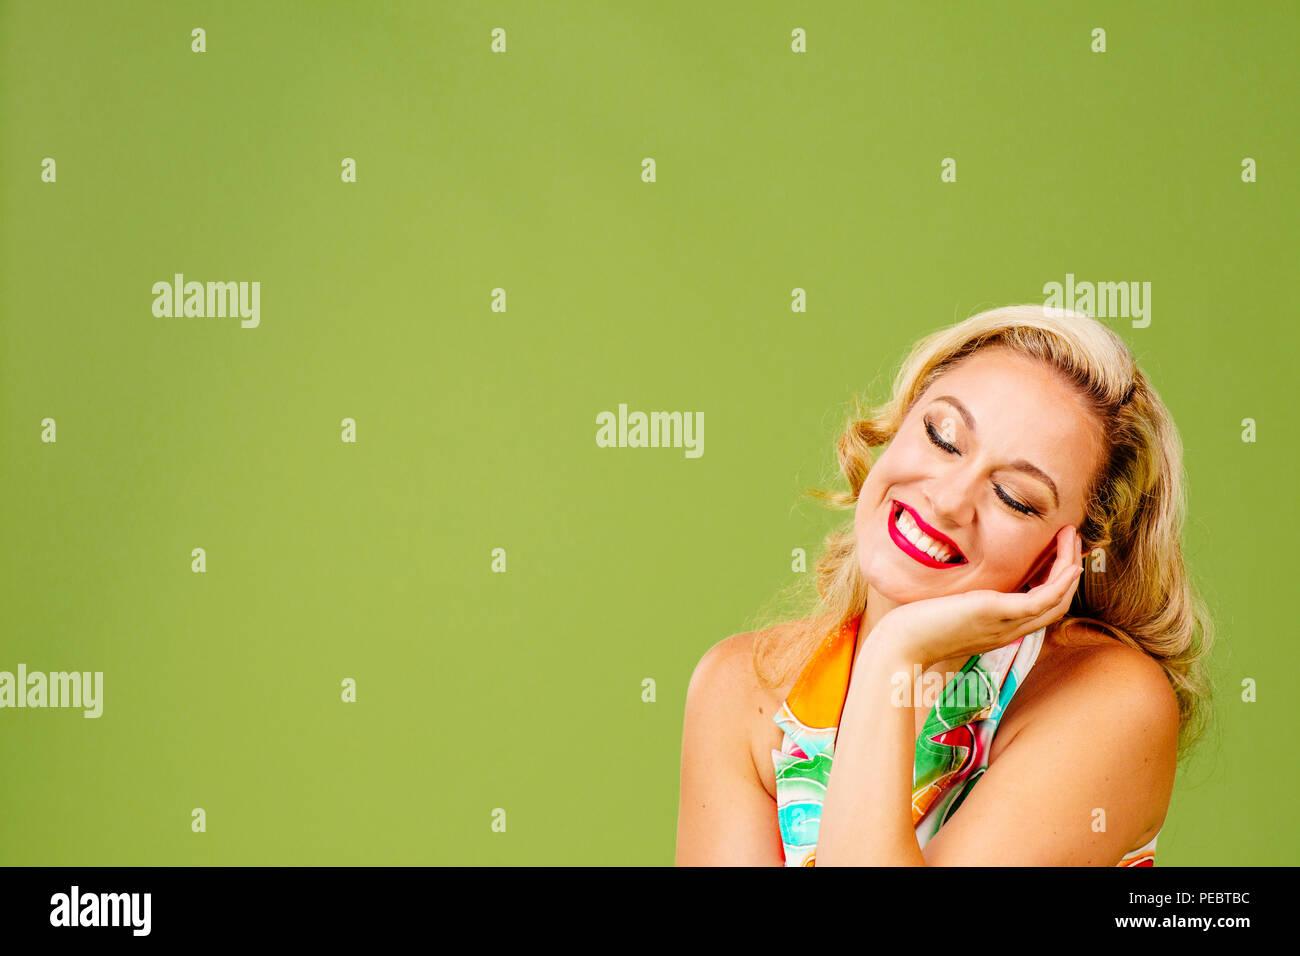 Feliz mujer rubia sonriendo con los ojos cerrados, aislados en fondo verde studio Imagen De Stock